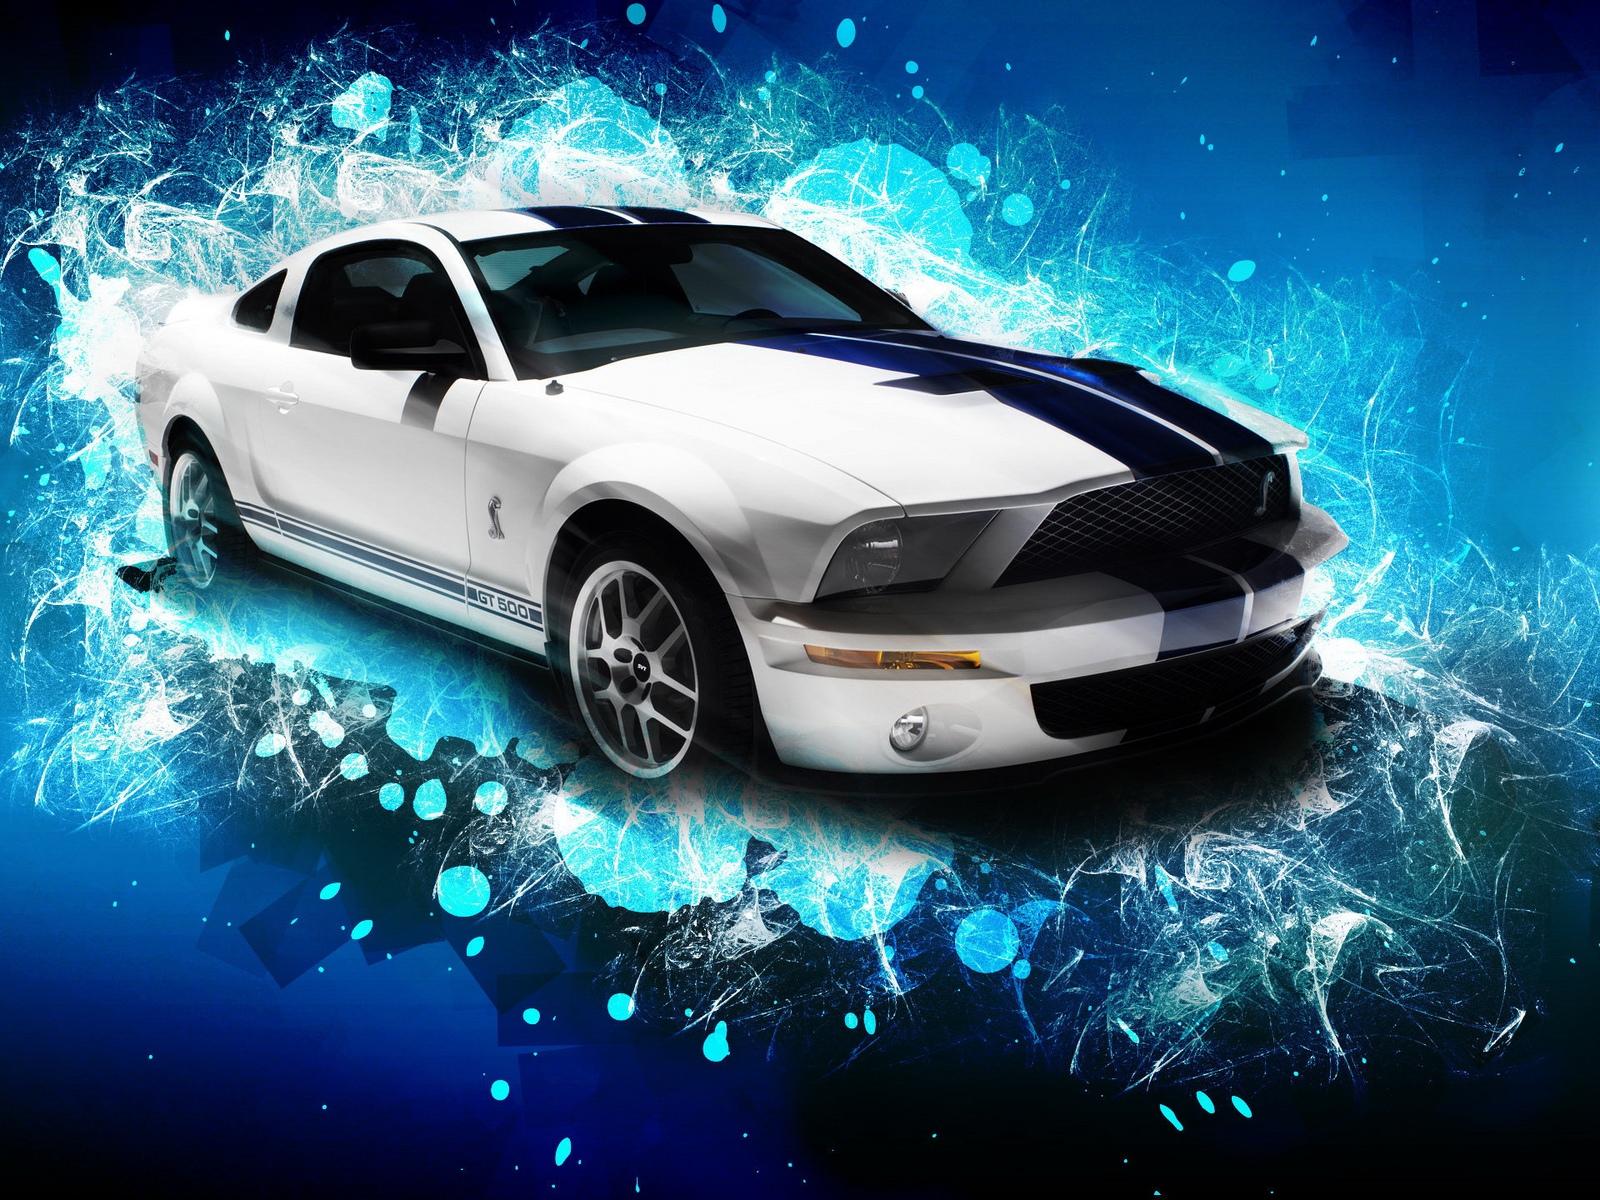 http://1.bp.blogspot.com/-Gyh30YoUoic/TezfQEoUwAI/AAAAAAAAAVQ/H1NZBpRnAQY/s1600/hd+car+wallpapers.jpg